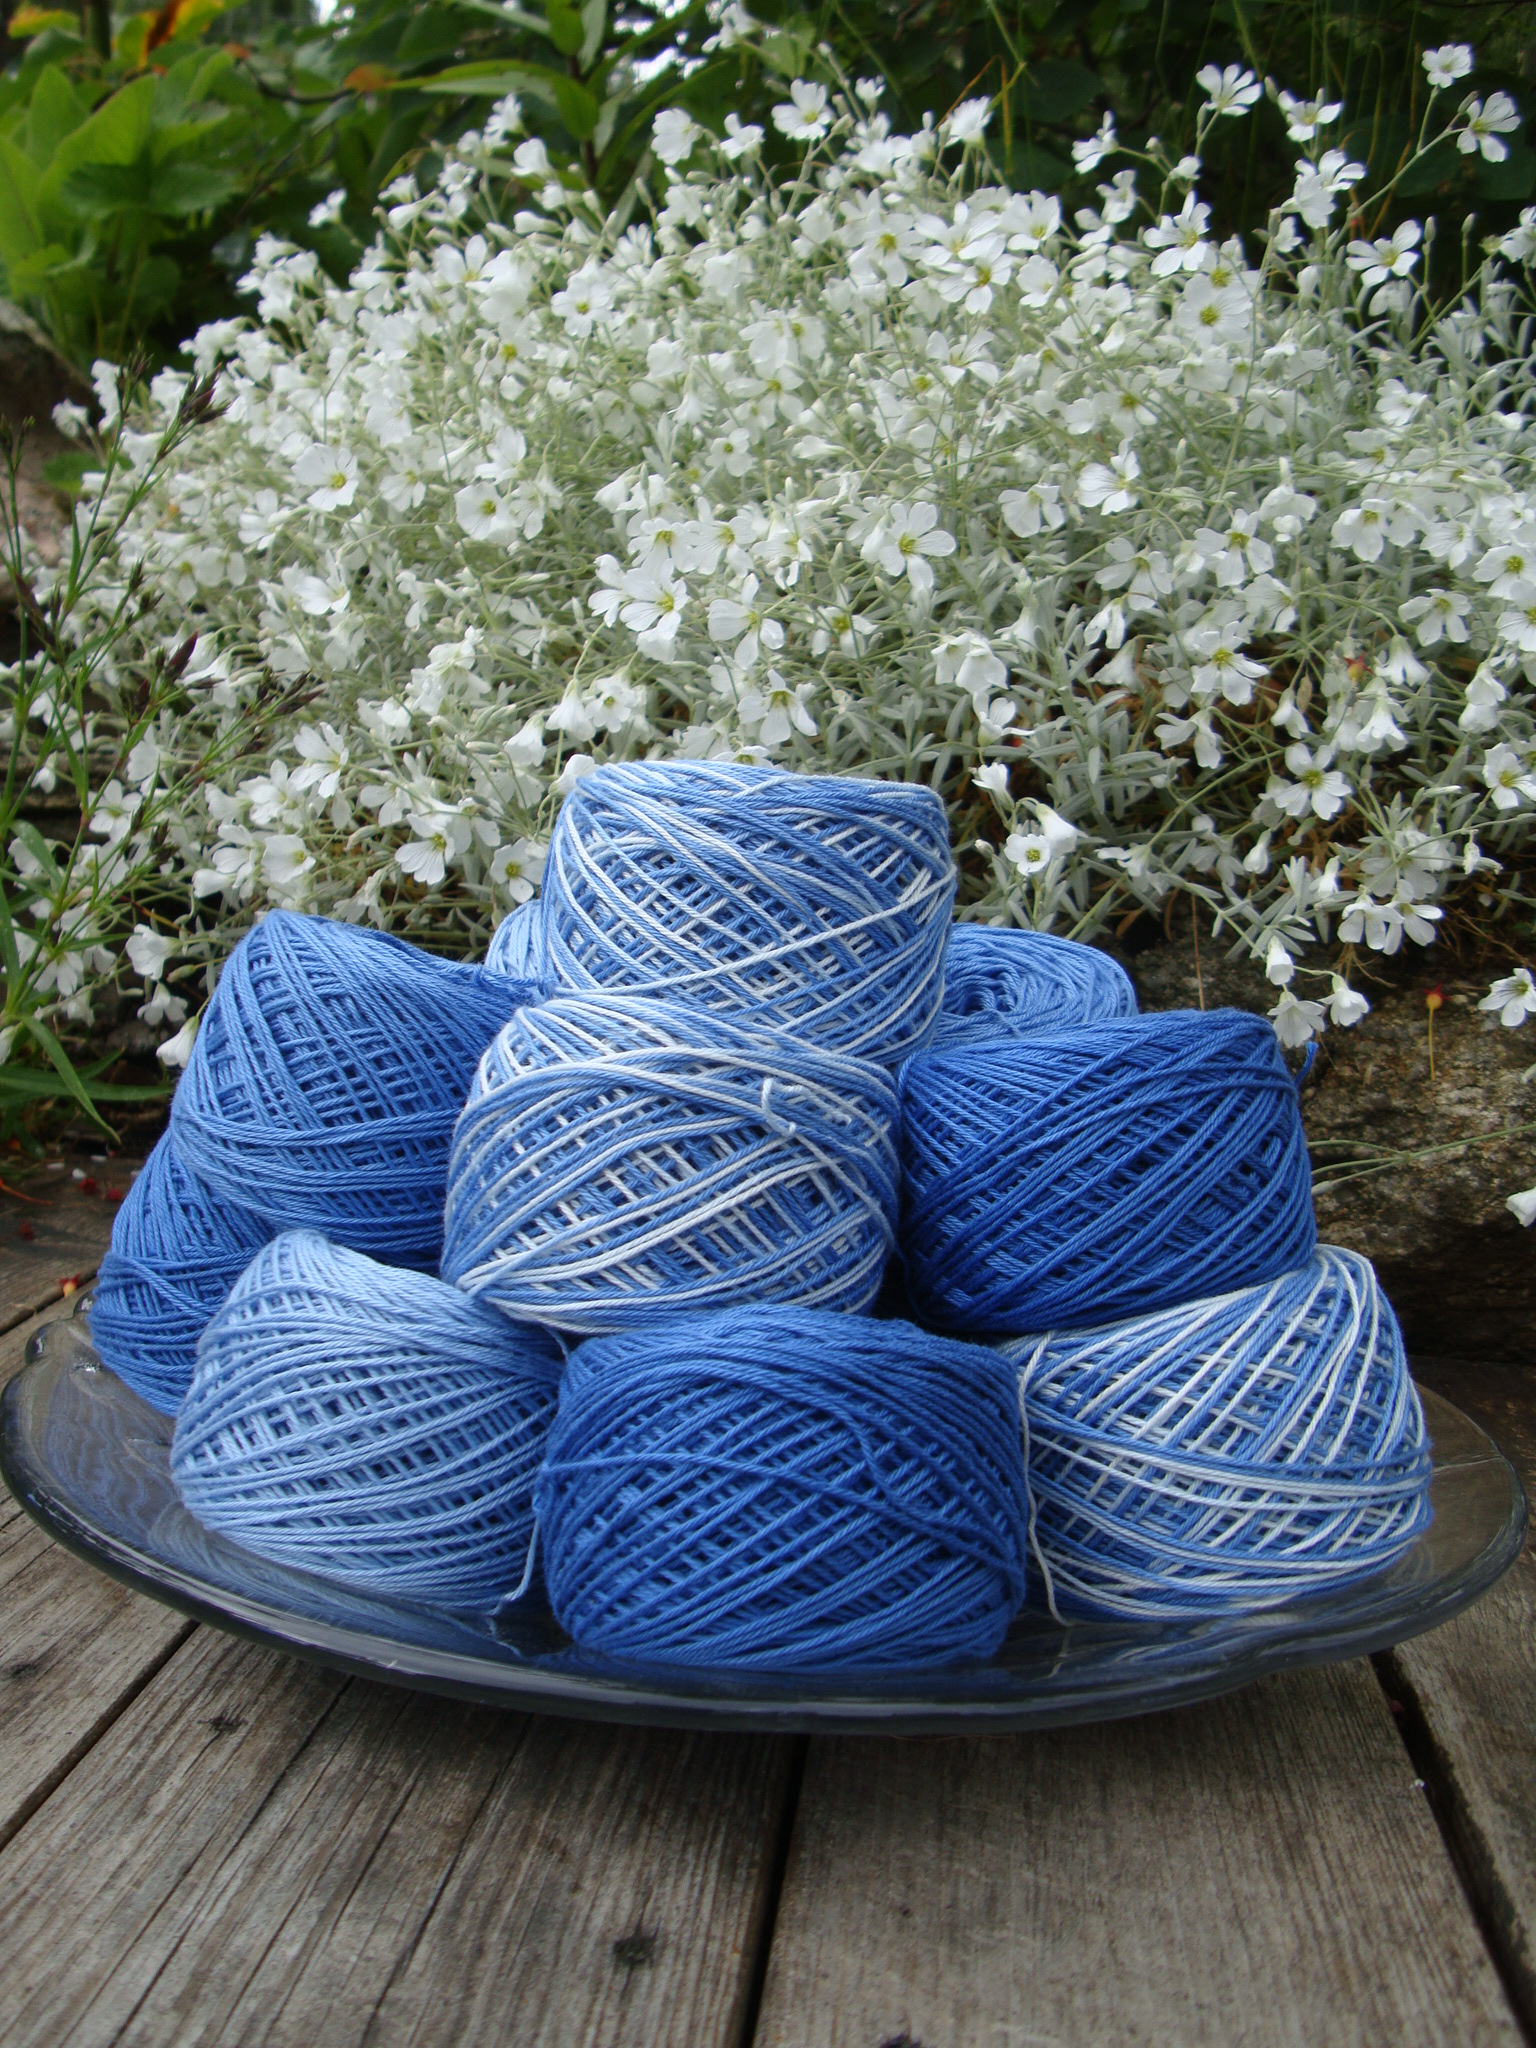 ekologiskt bomullsgarn handfärgat i blå nyanser